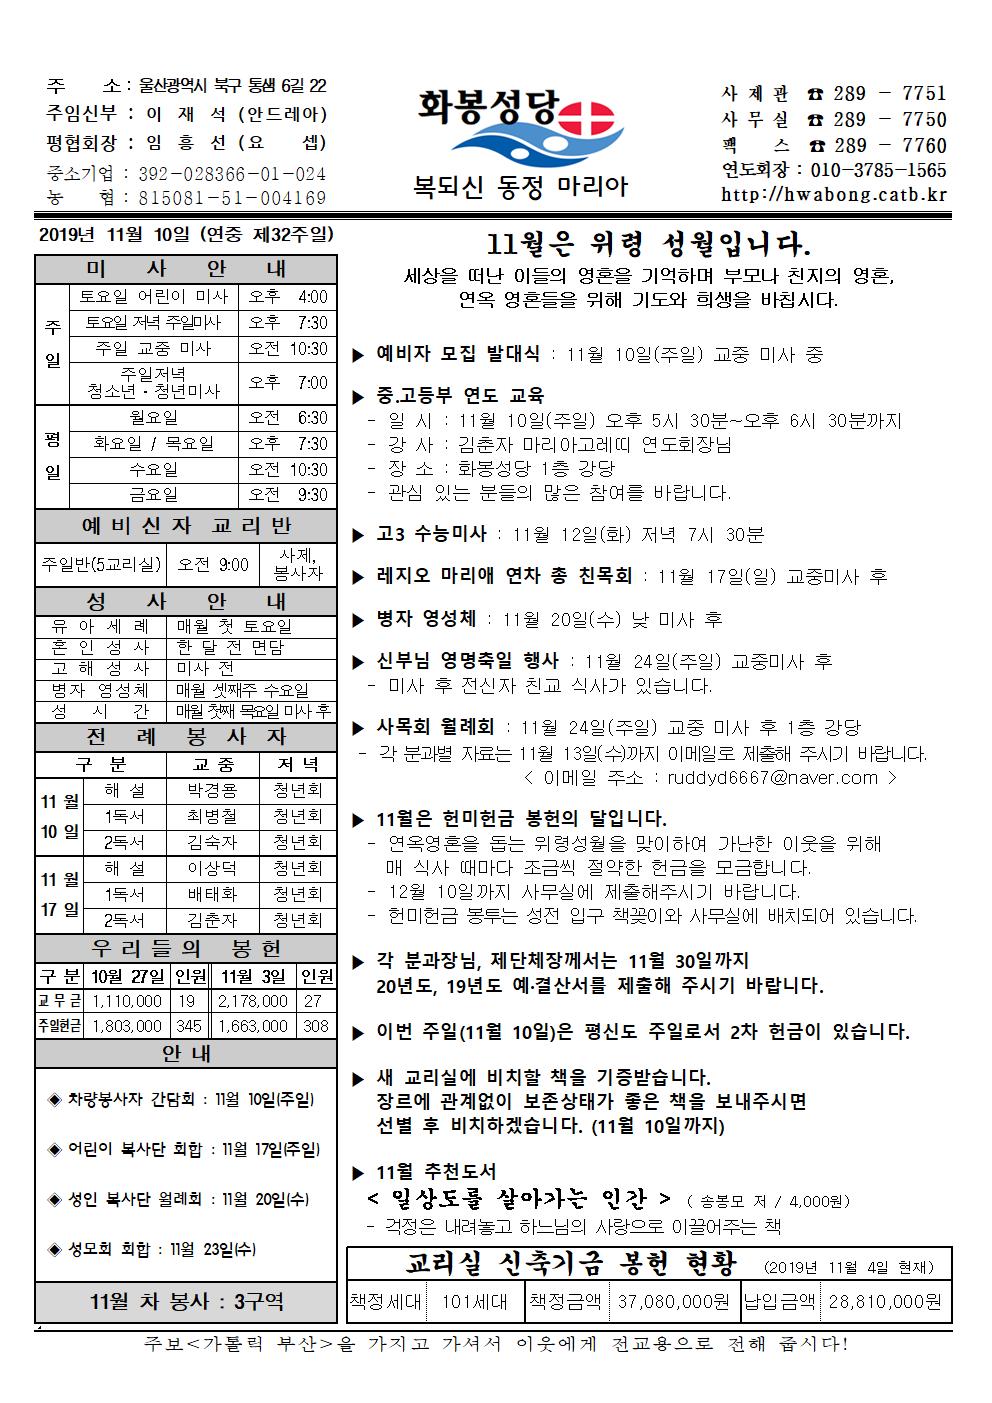 화봉성당20191110주보.png